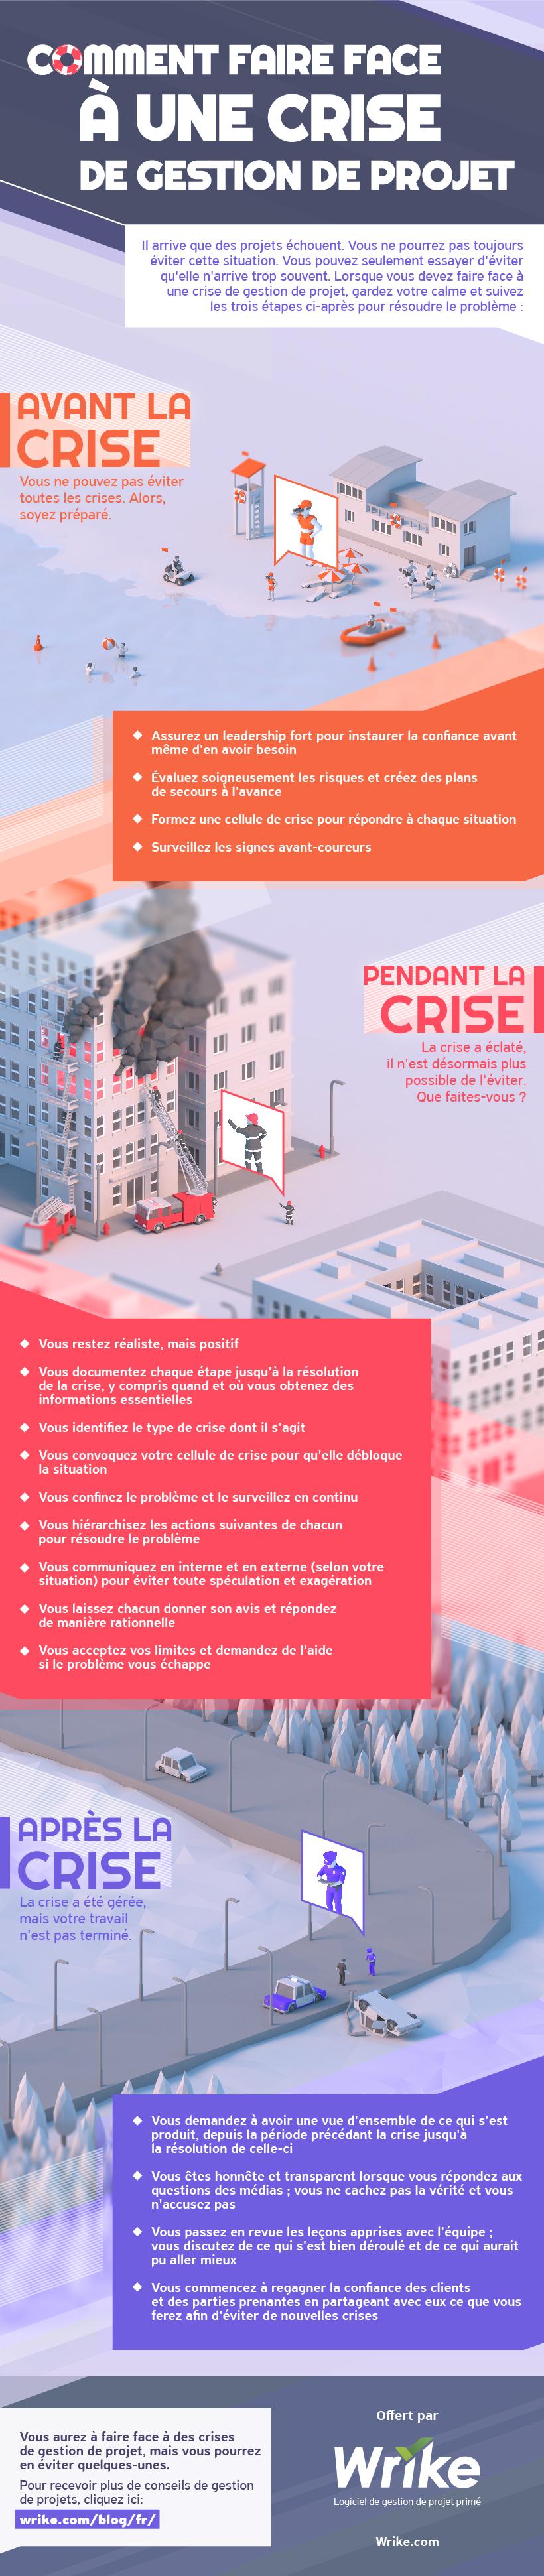 Comment faire face à une crise de gestion de projet (infographie)